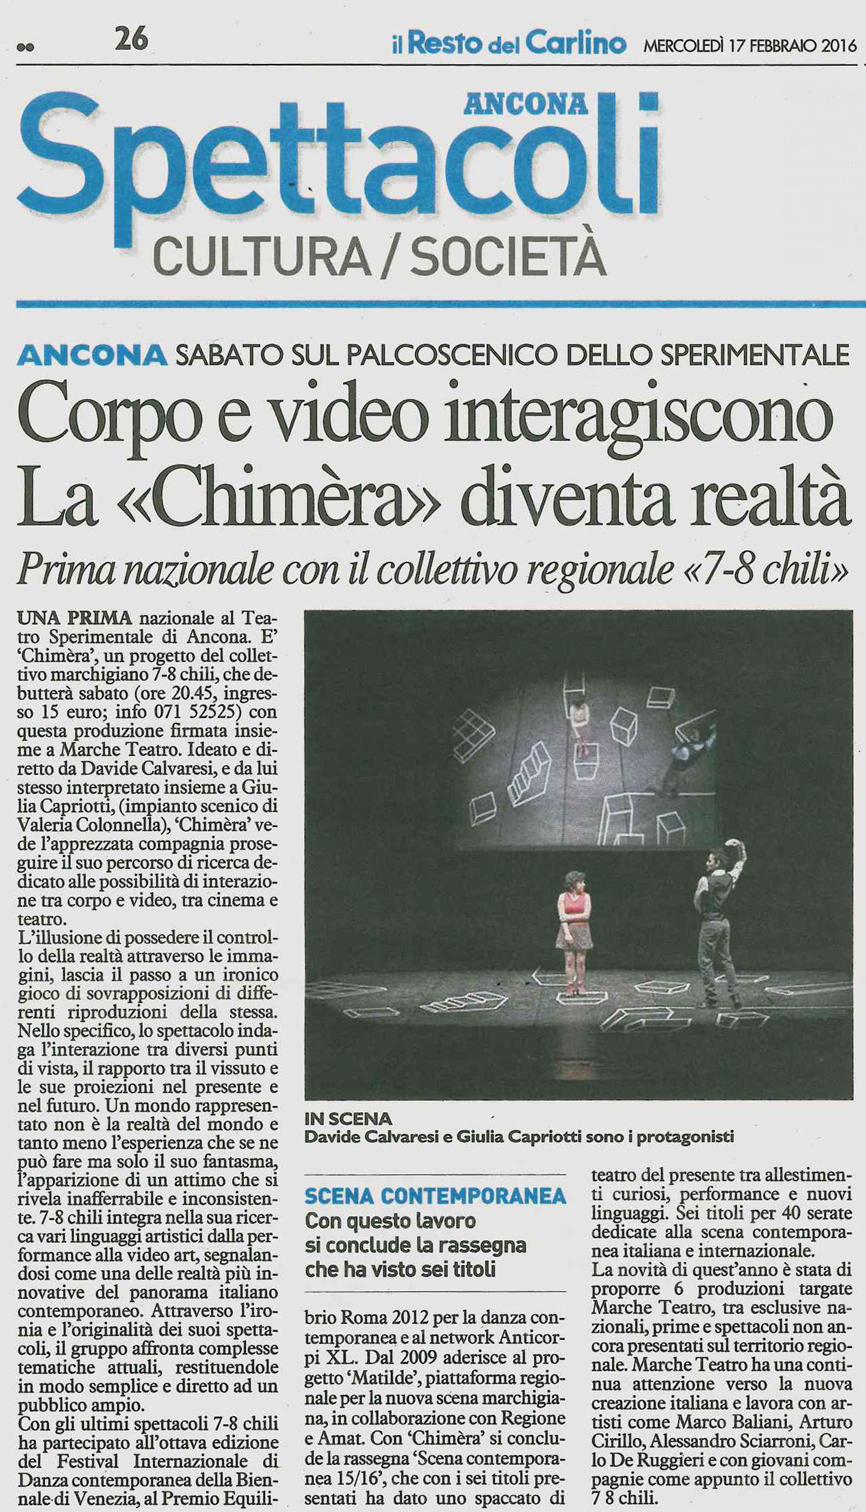 2016.02.17-Corpo-e-video-interagiscono---Il-Resto-del-Carlino